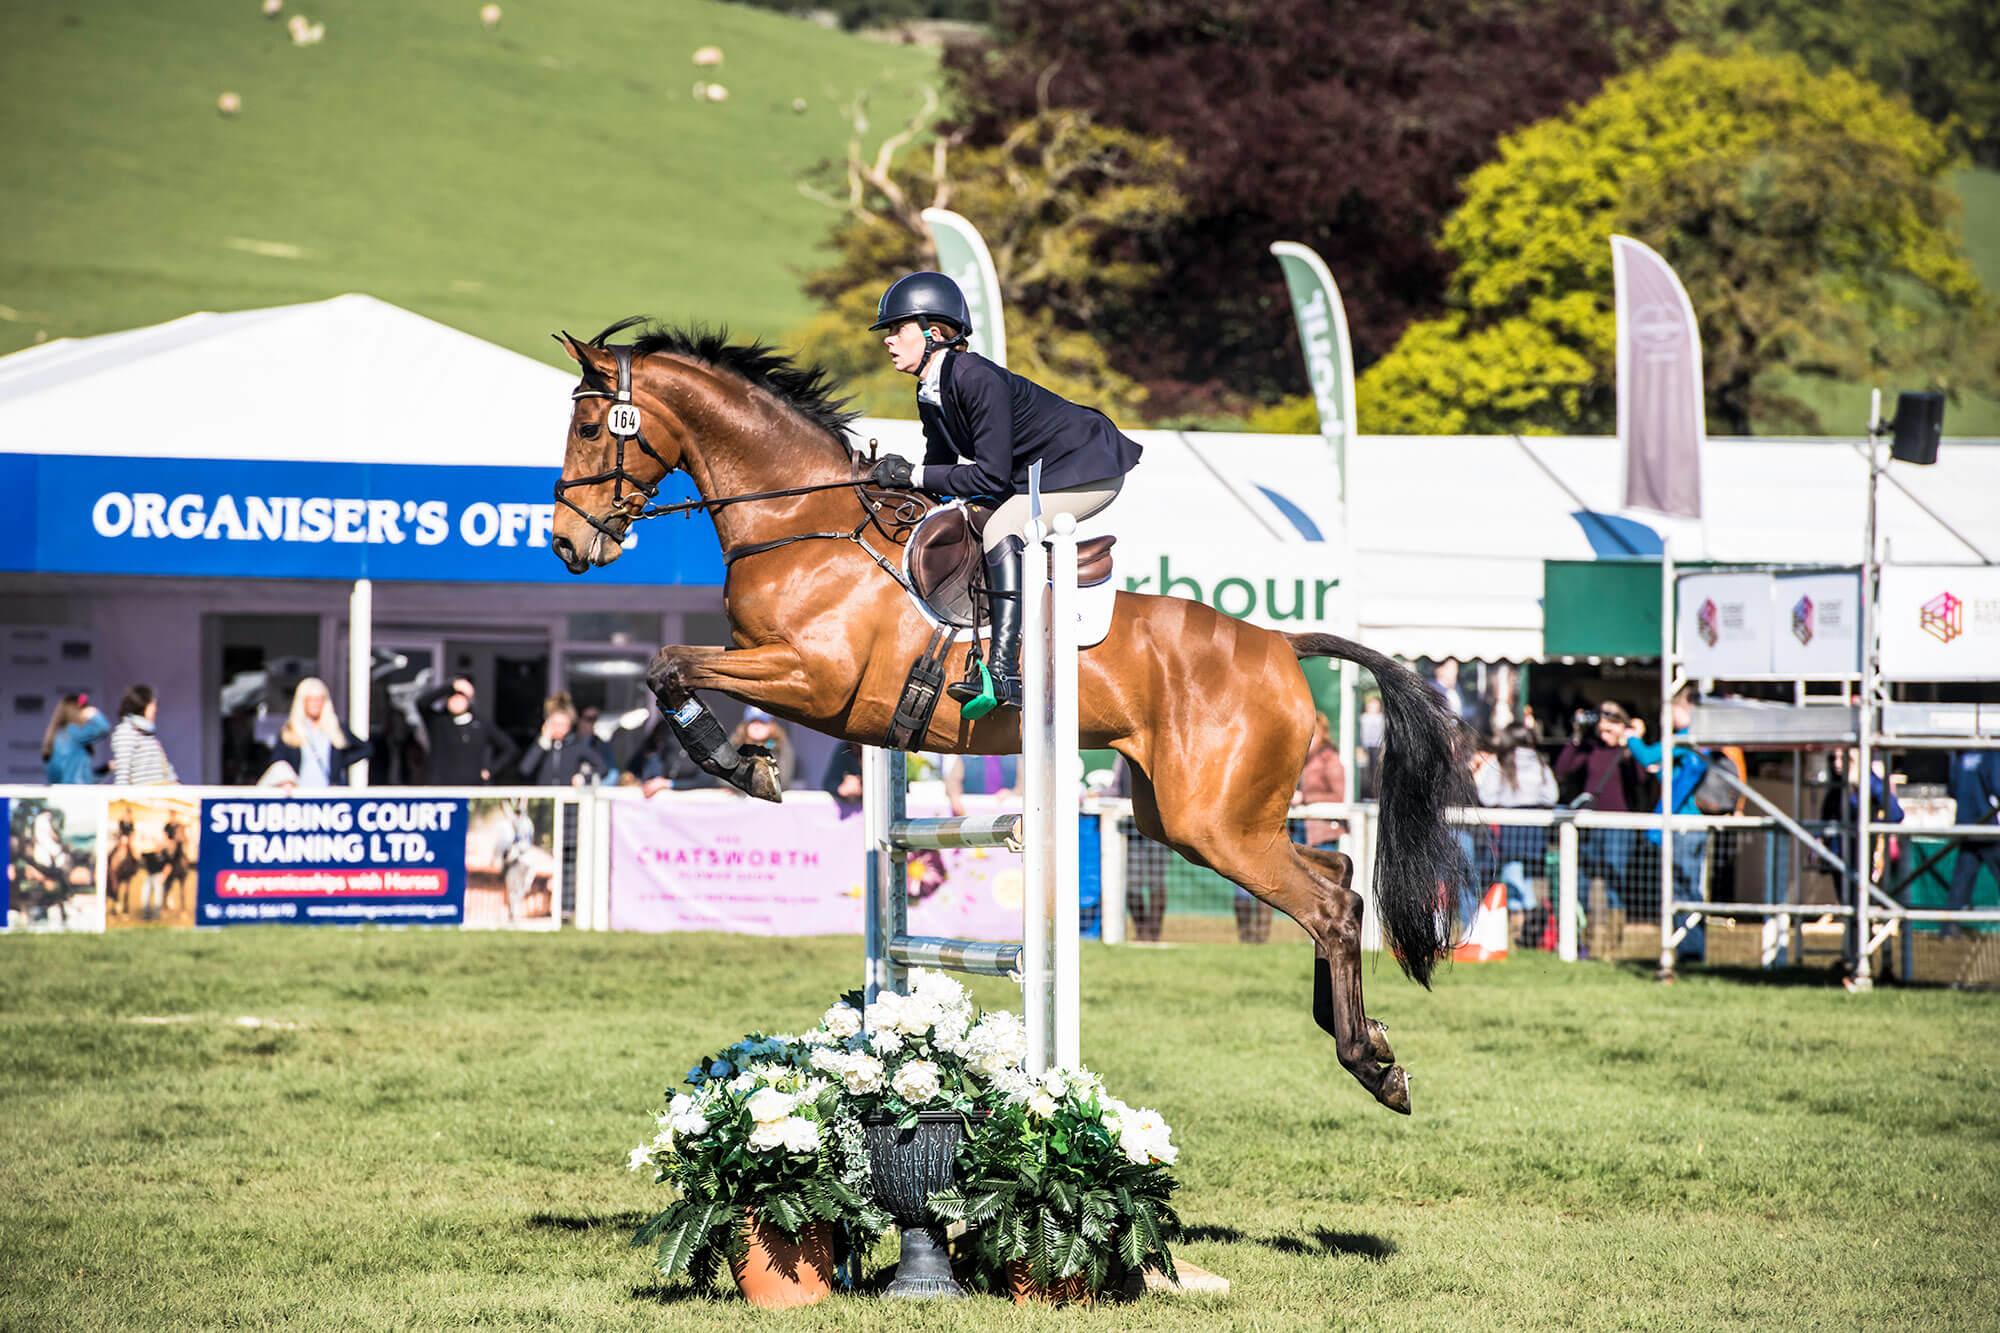 Tanya Horse jumping at show